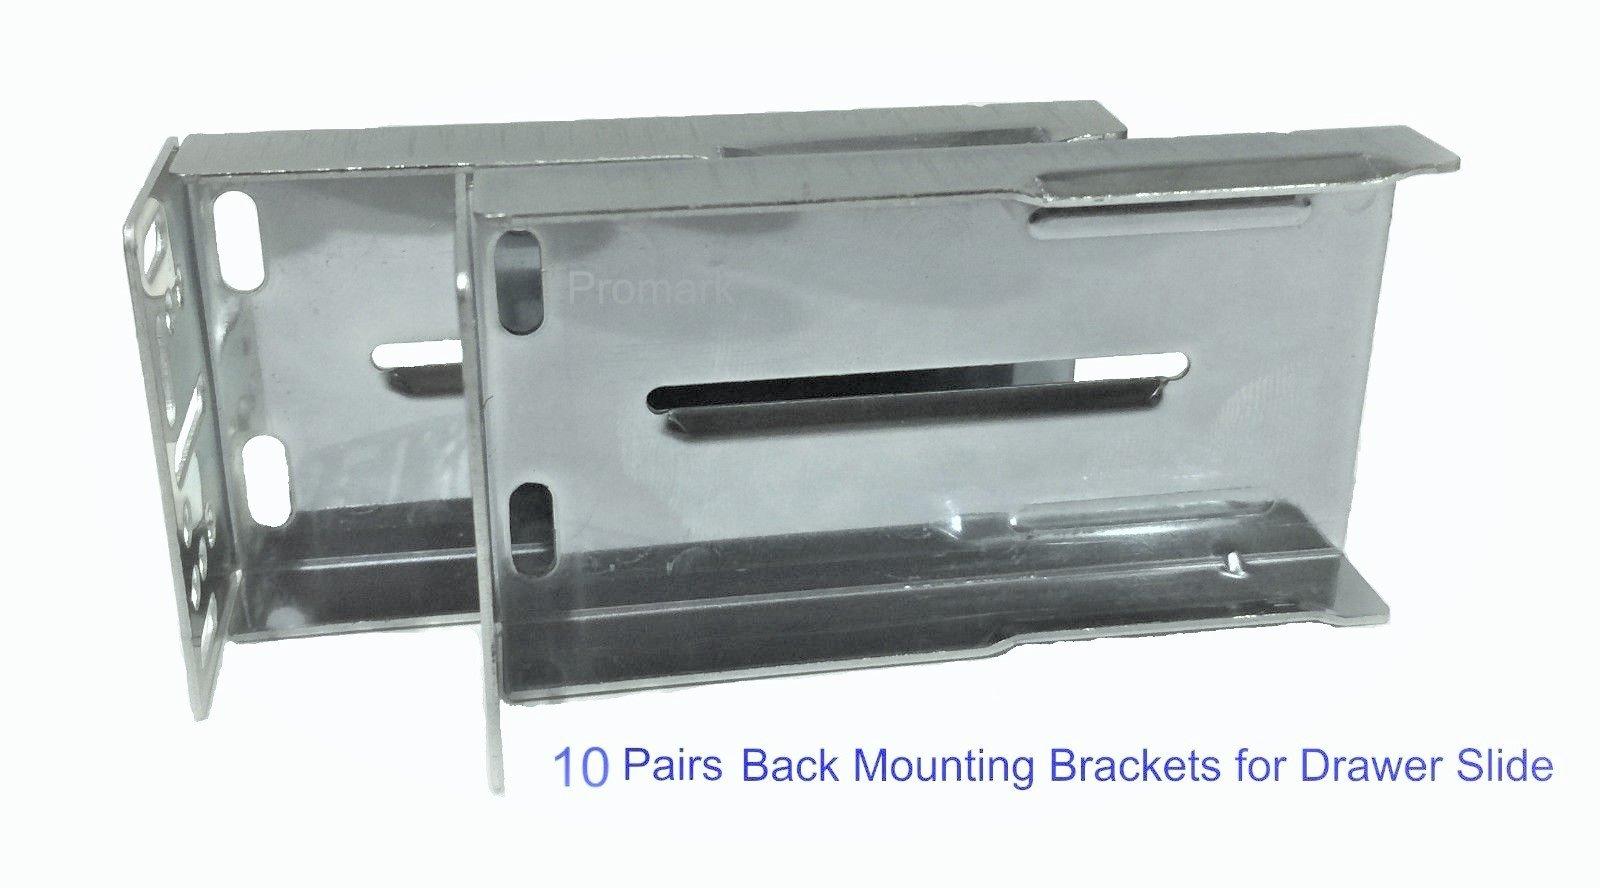 Promark Rear Mounting Brackets for Drawer Slides - 10 Pair Pack